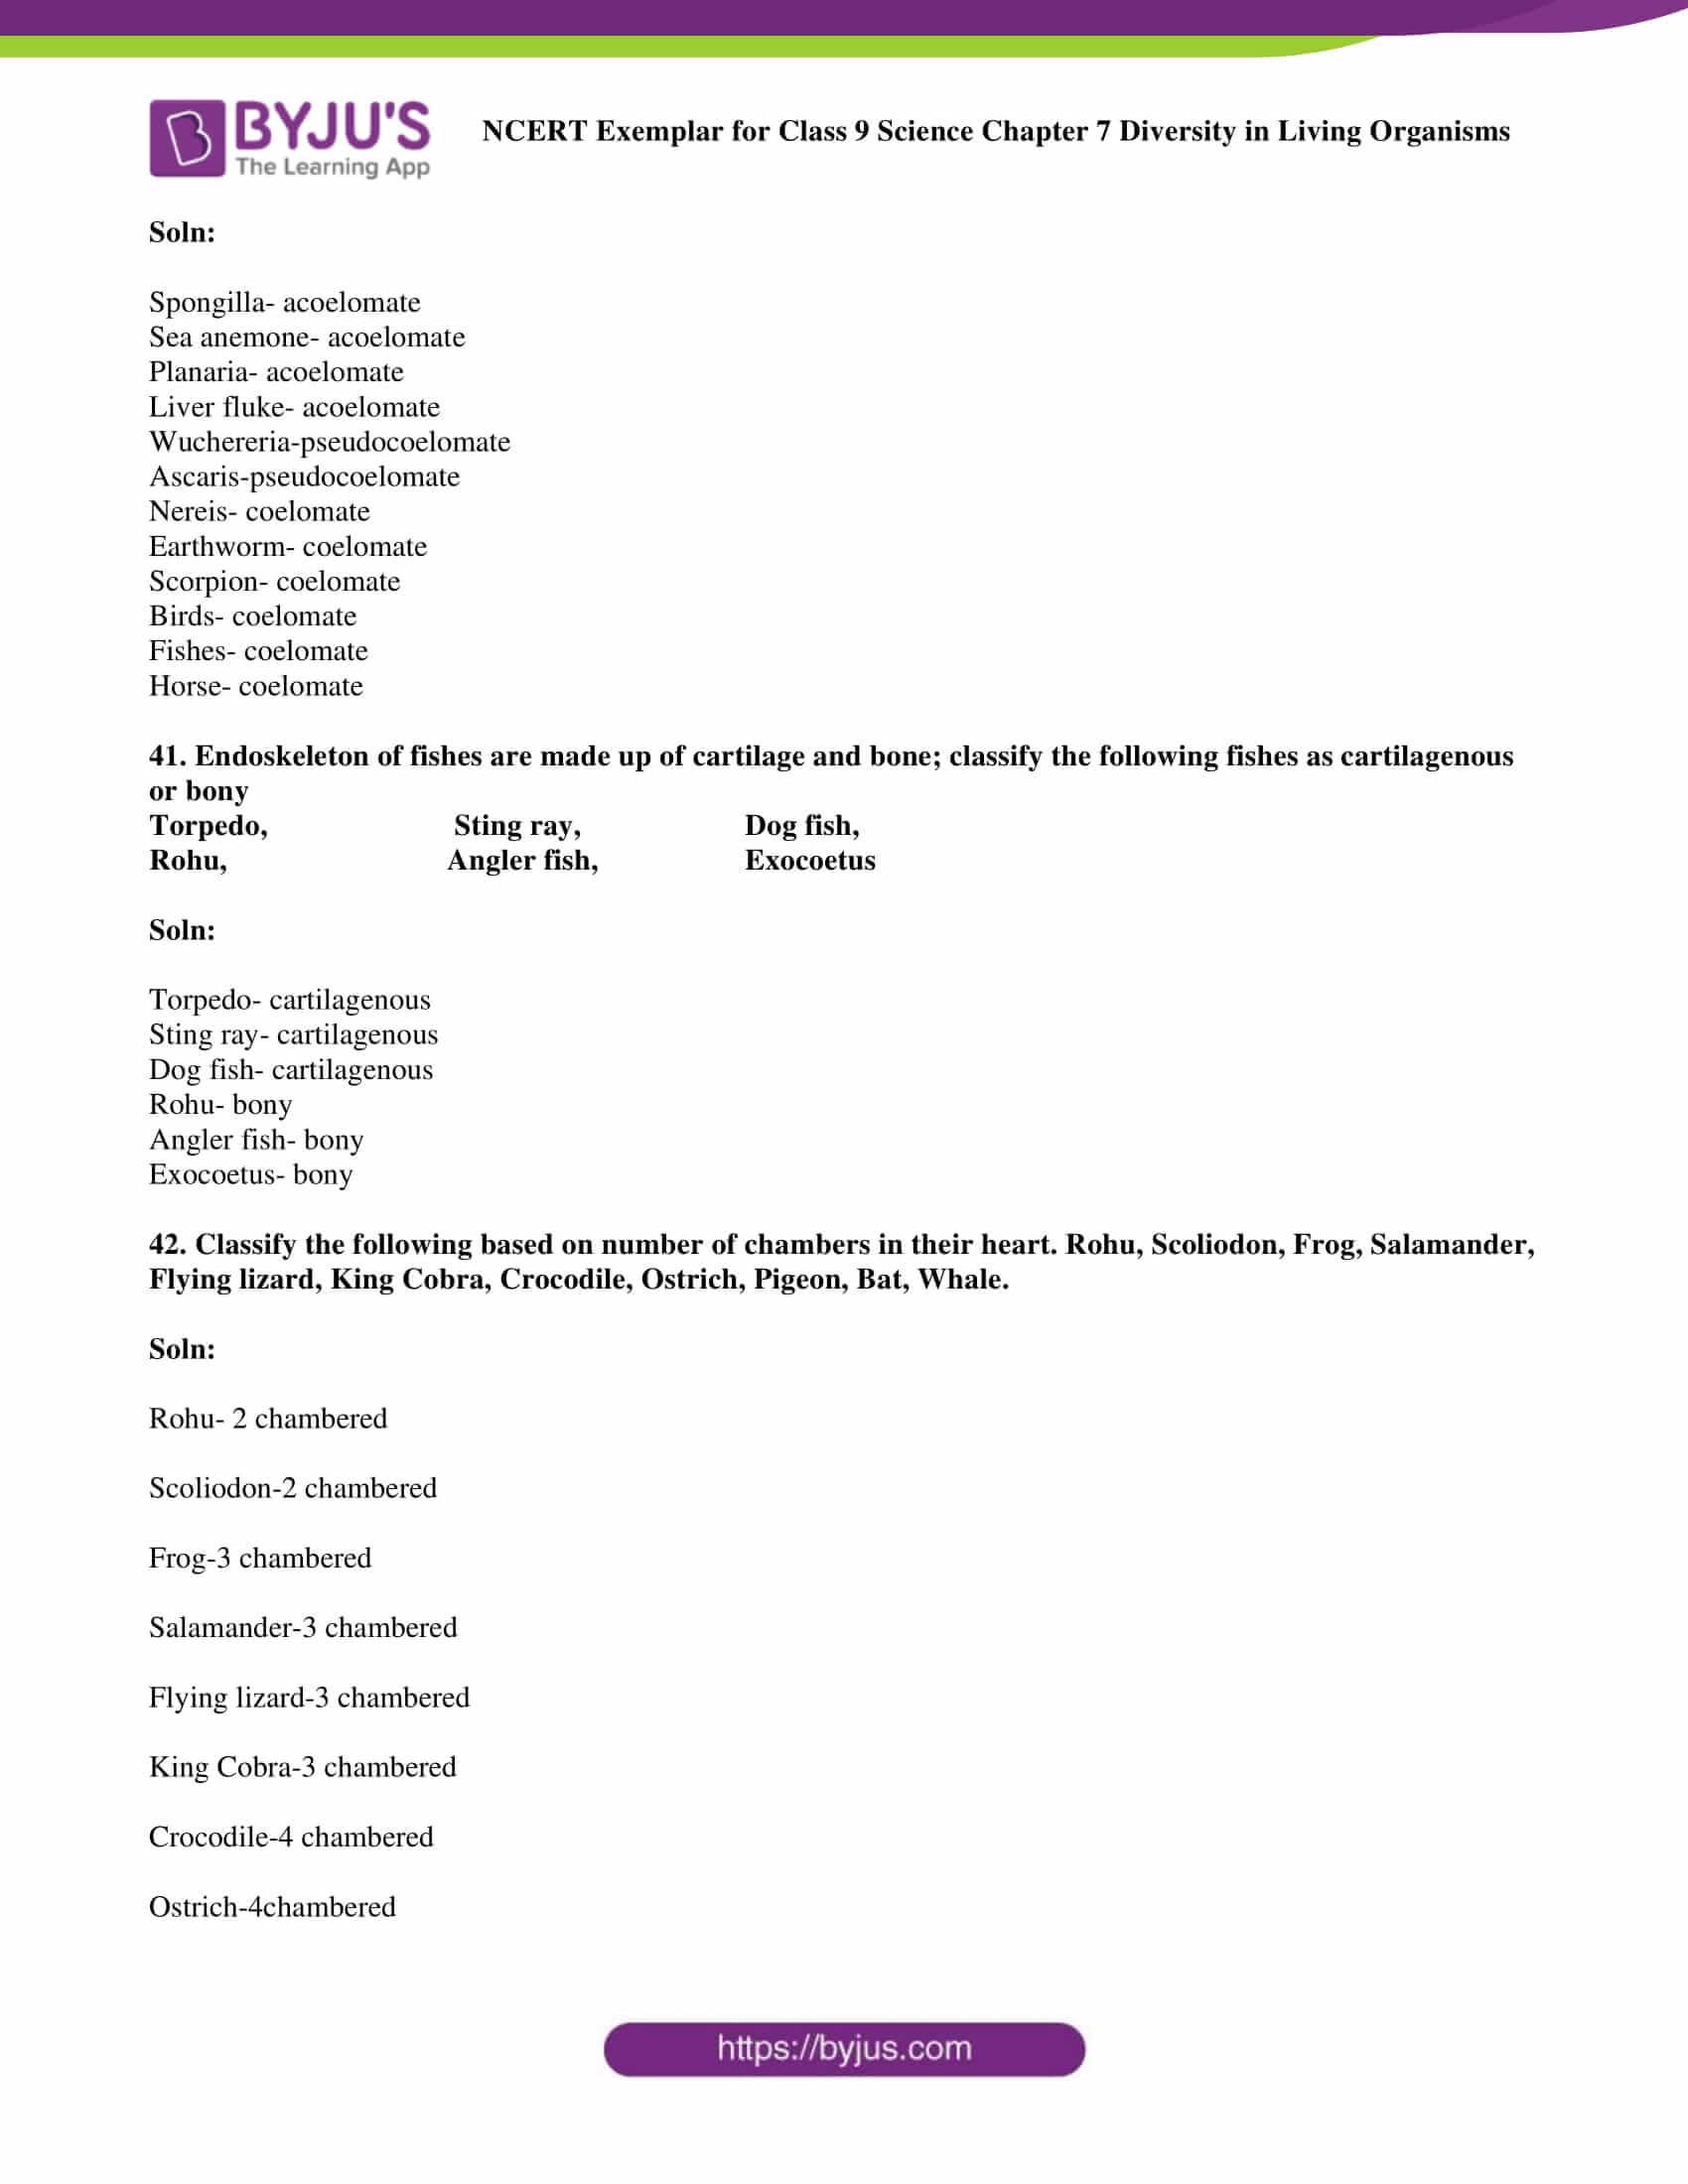 NCERT Exemplar solution class 9 science Chapter 7 part 15